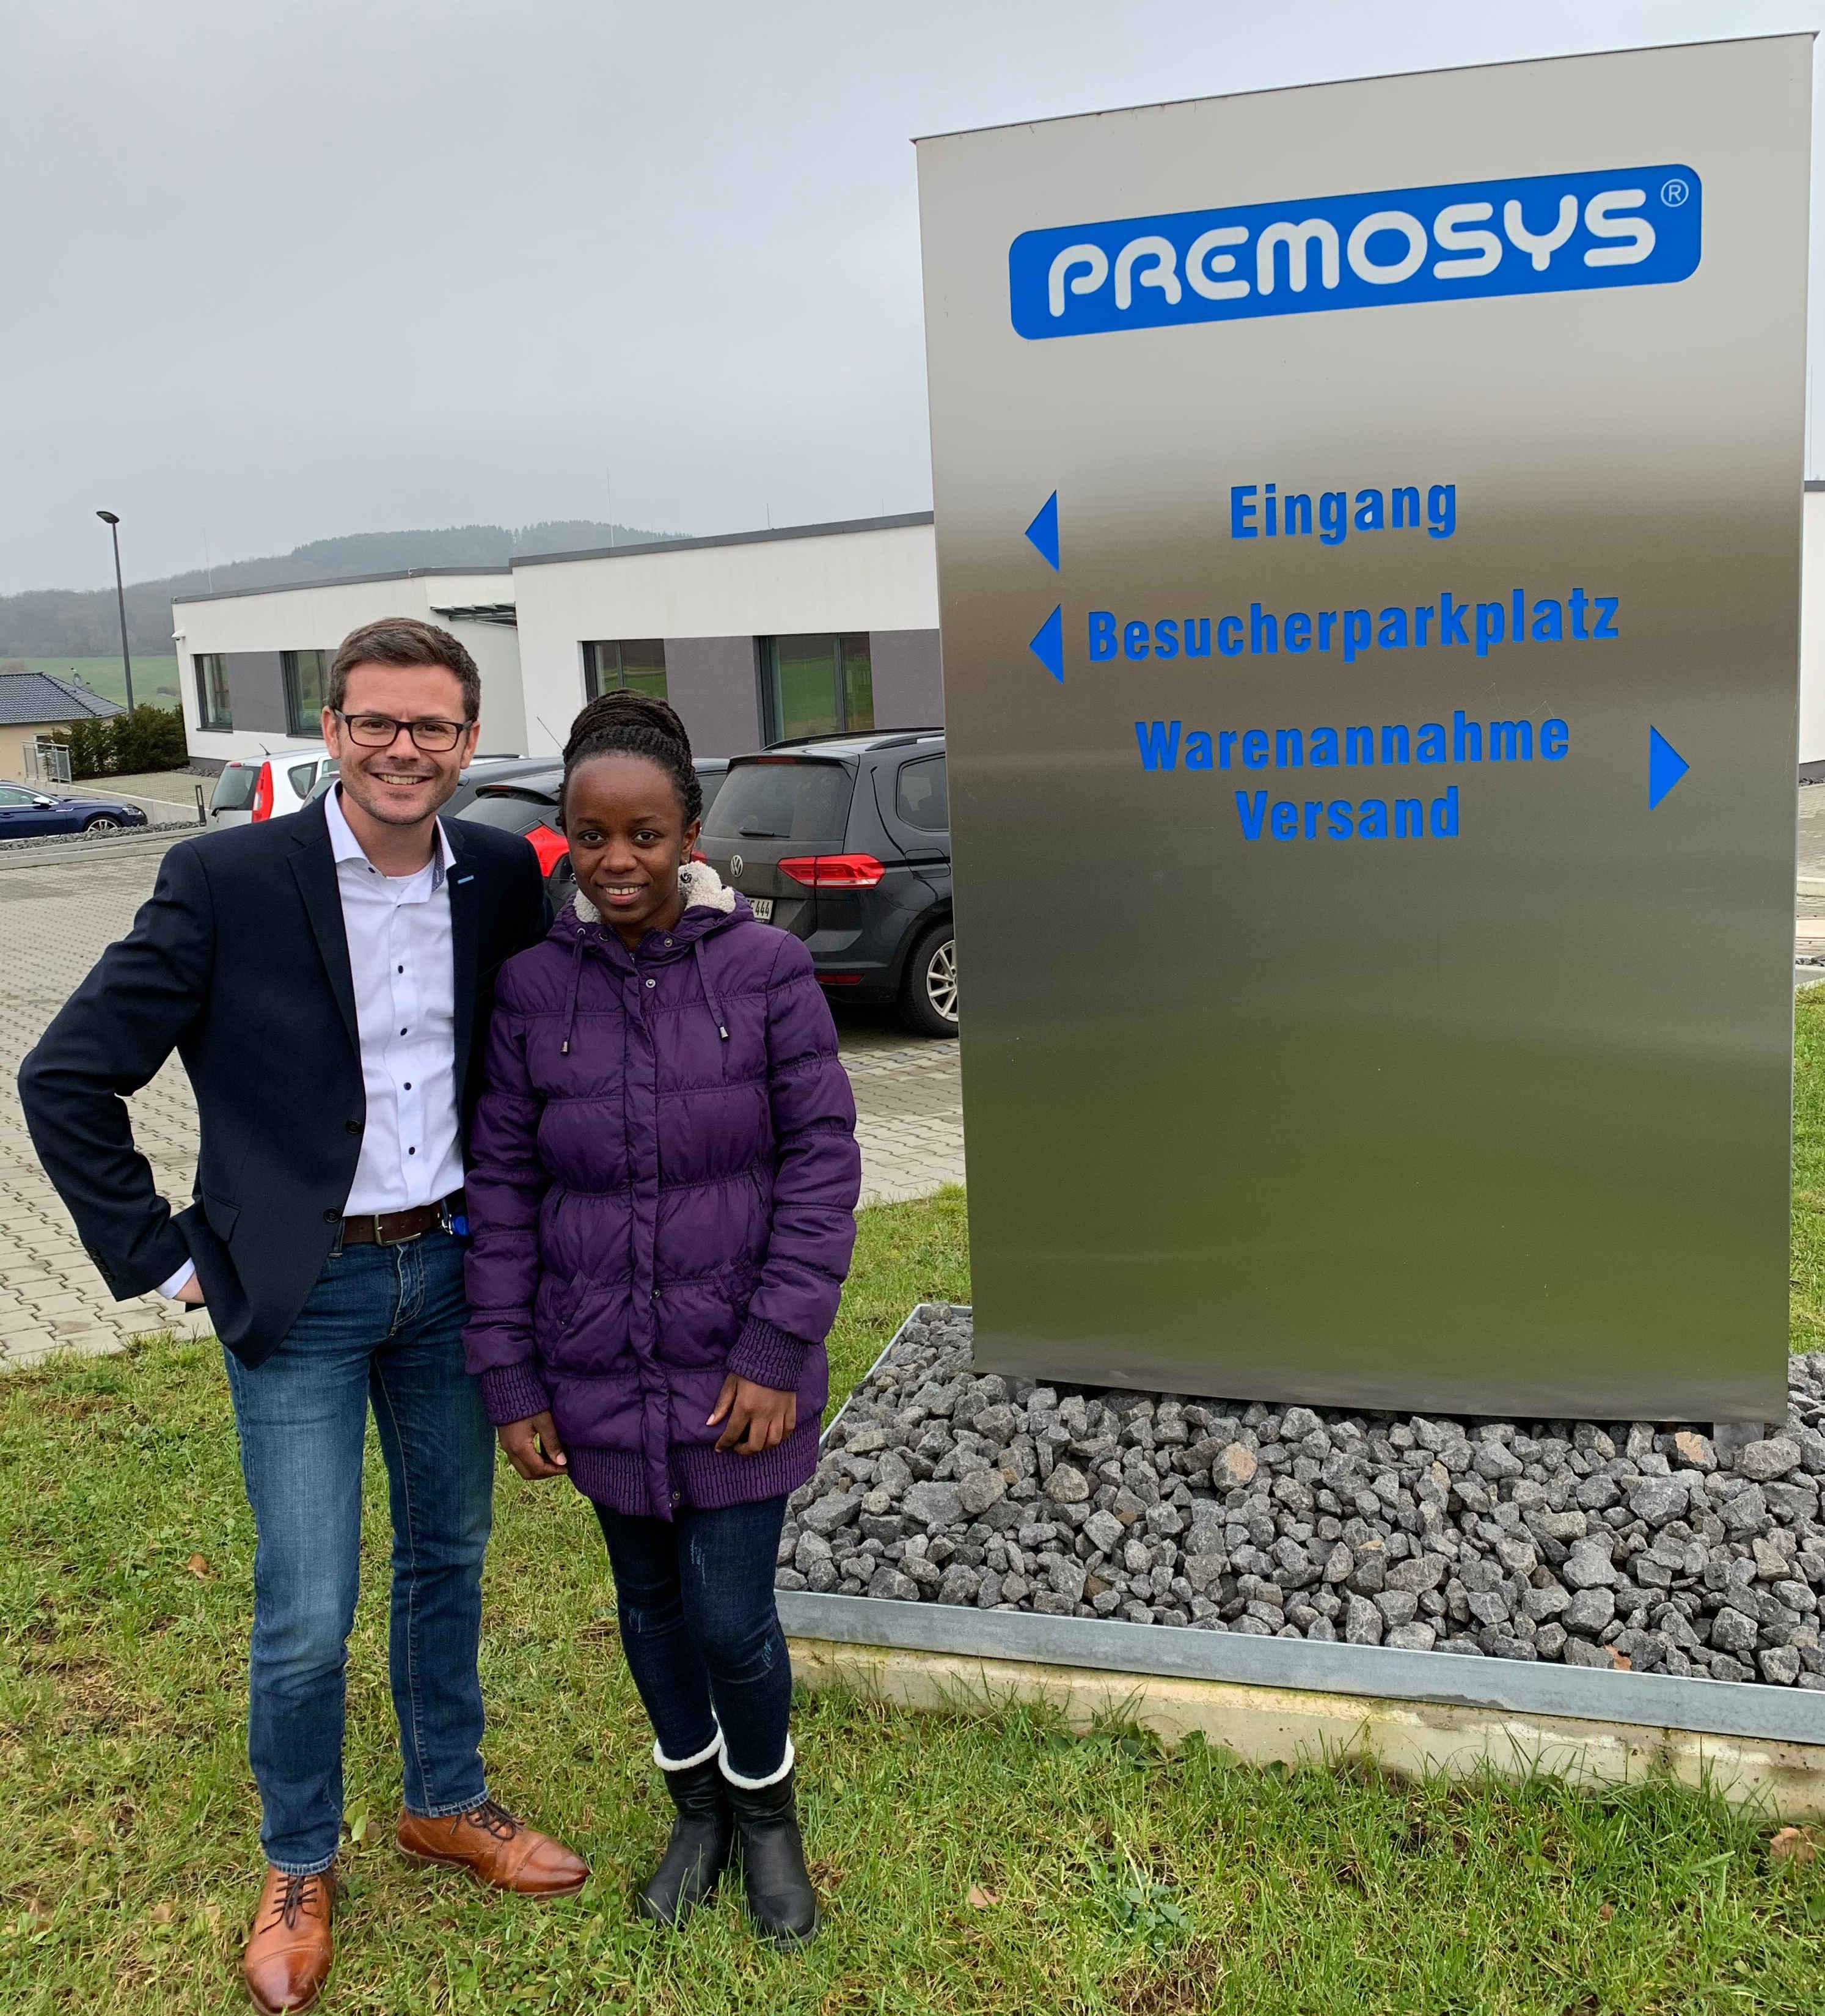 Frau Emelyne Izere mit Herrn Marcel Hommes von der Premosys GmbH